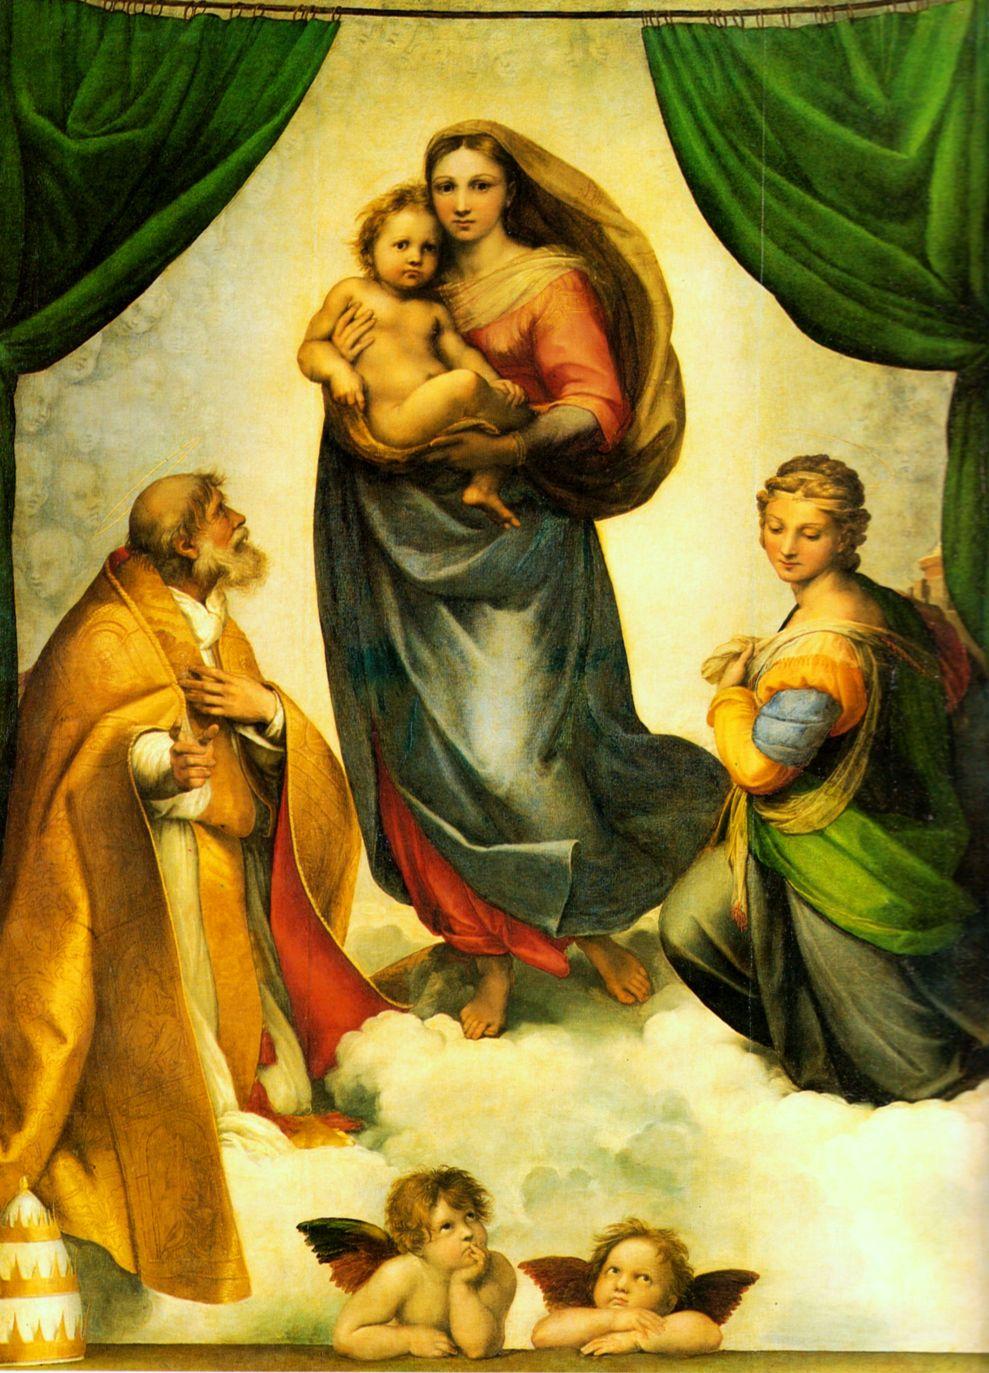 Madonna Sykstyńska Rafaela jako Sofia Mądrość Boża, 1513-1514, olej na płótnie, 265 x 196 cm, Galeria Obrazów Starych Mistrzów w Dreźnie